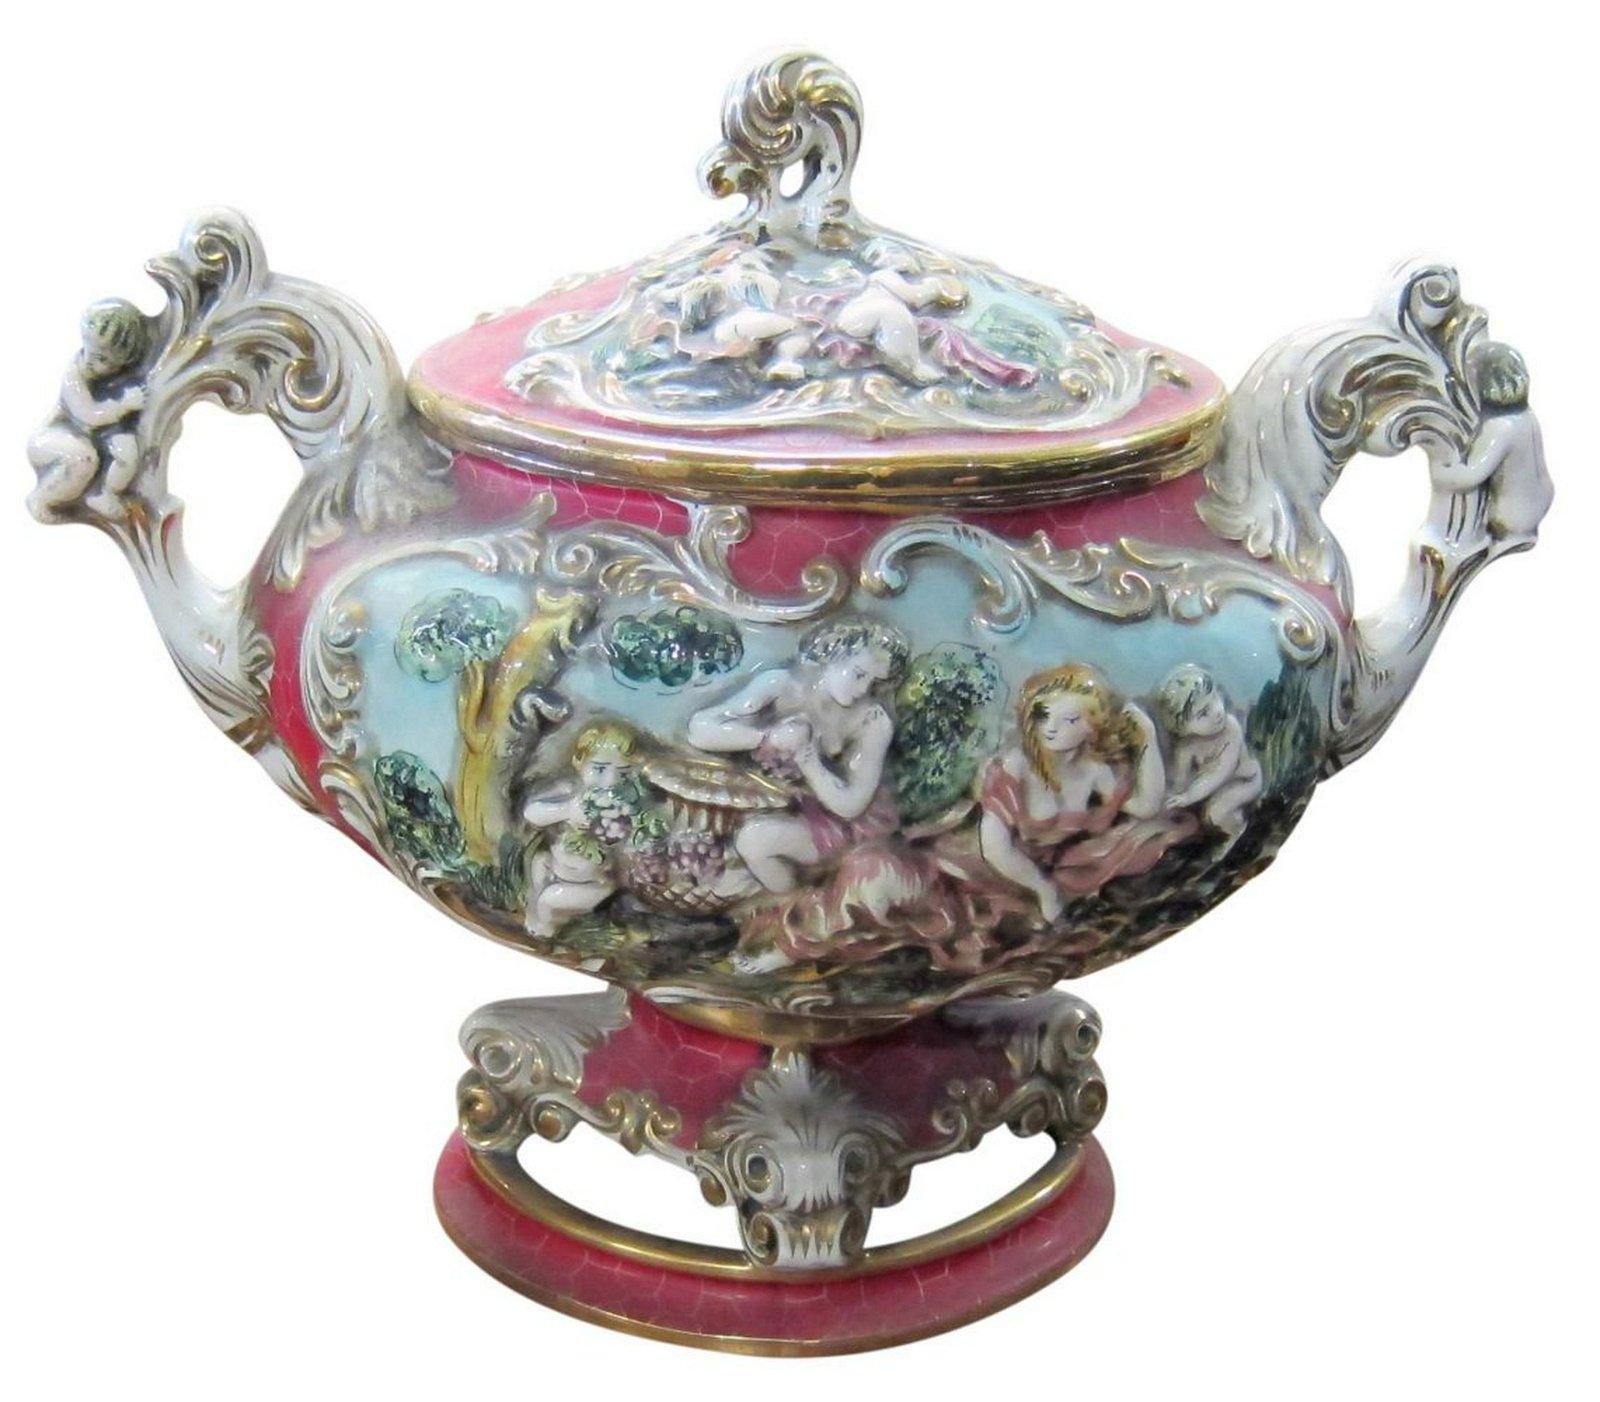 Capodimonte ceramic tureen